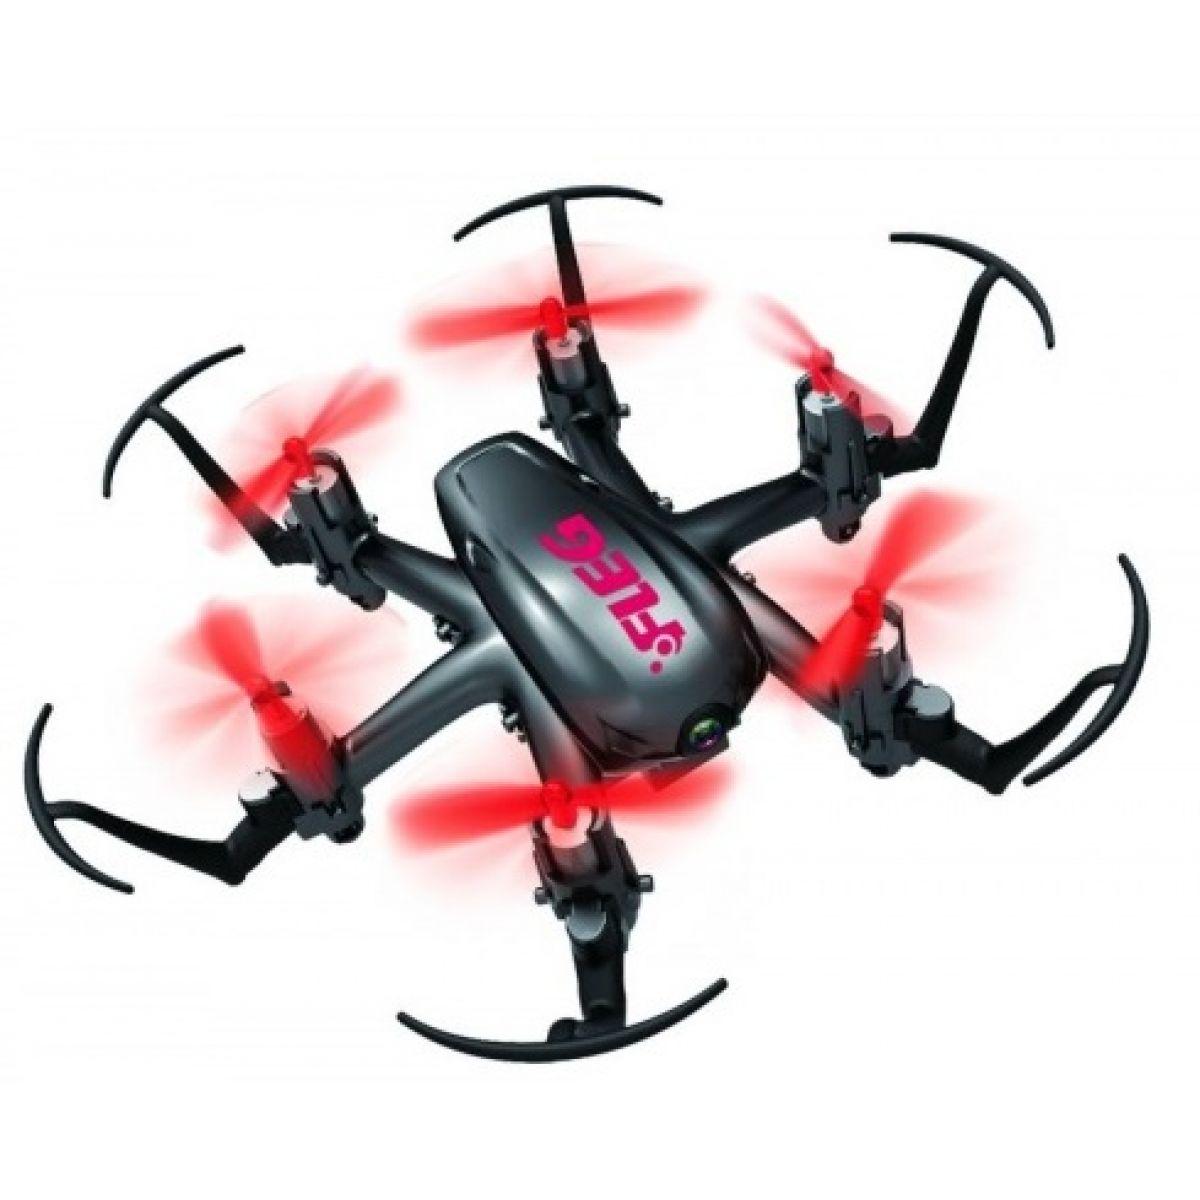 Fleg RC Dron H20C s kamerou - Poškozený obal